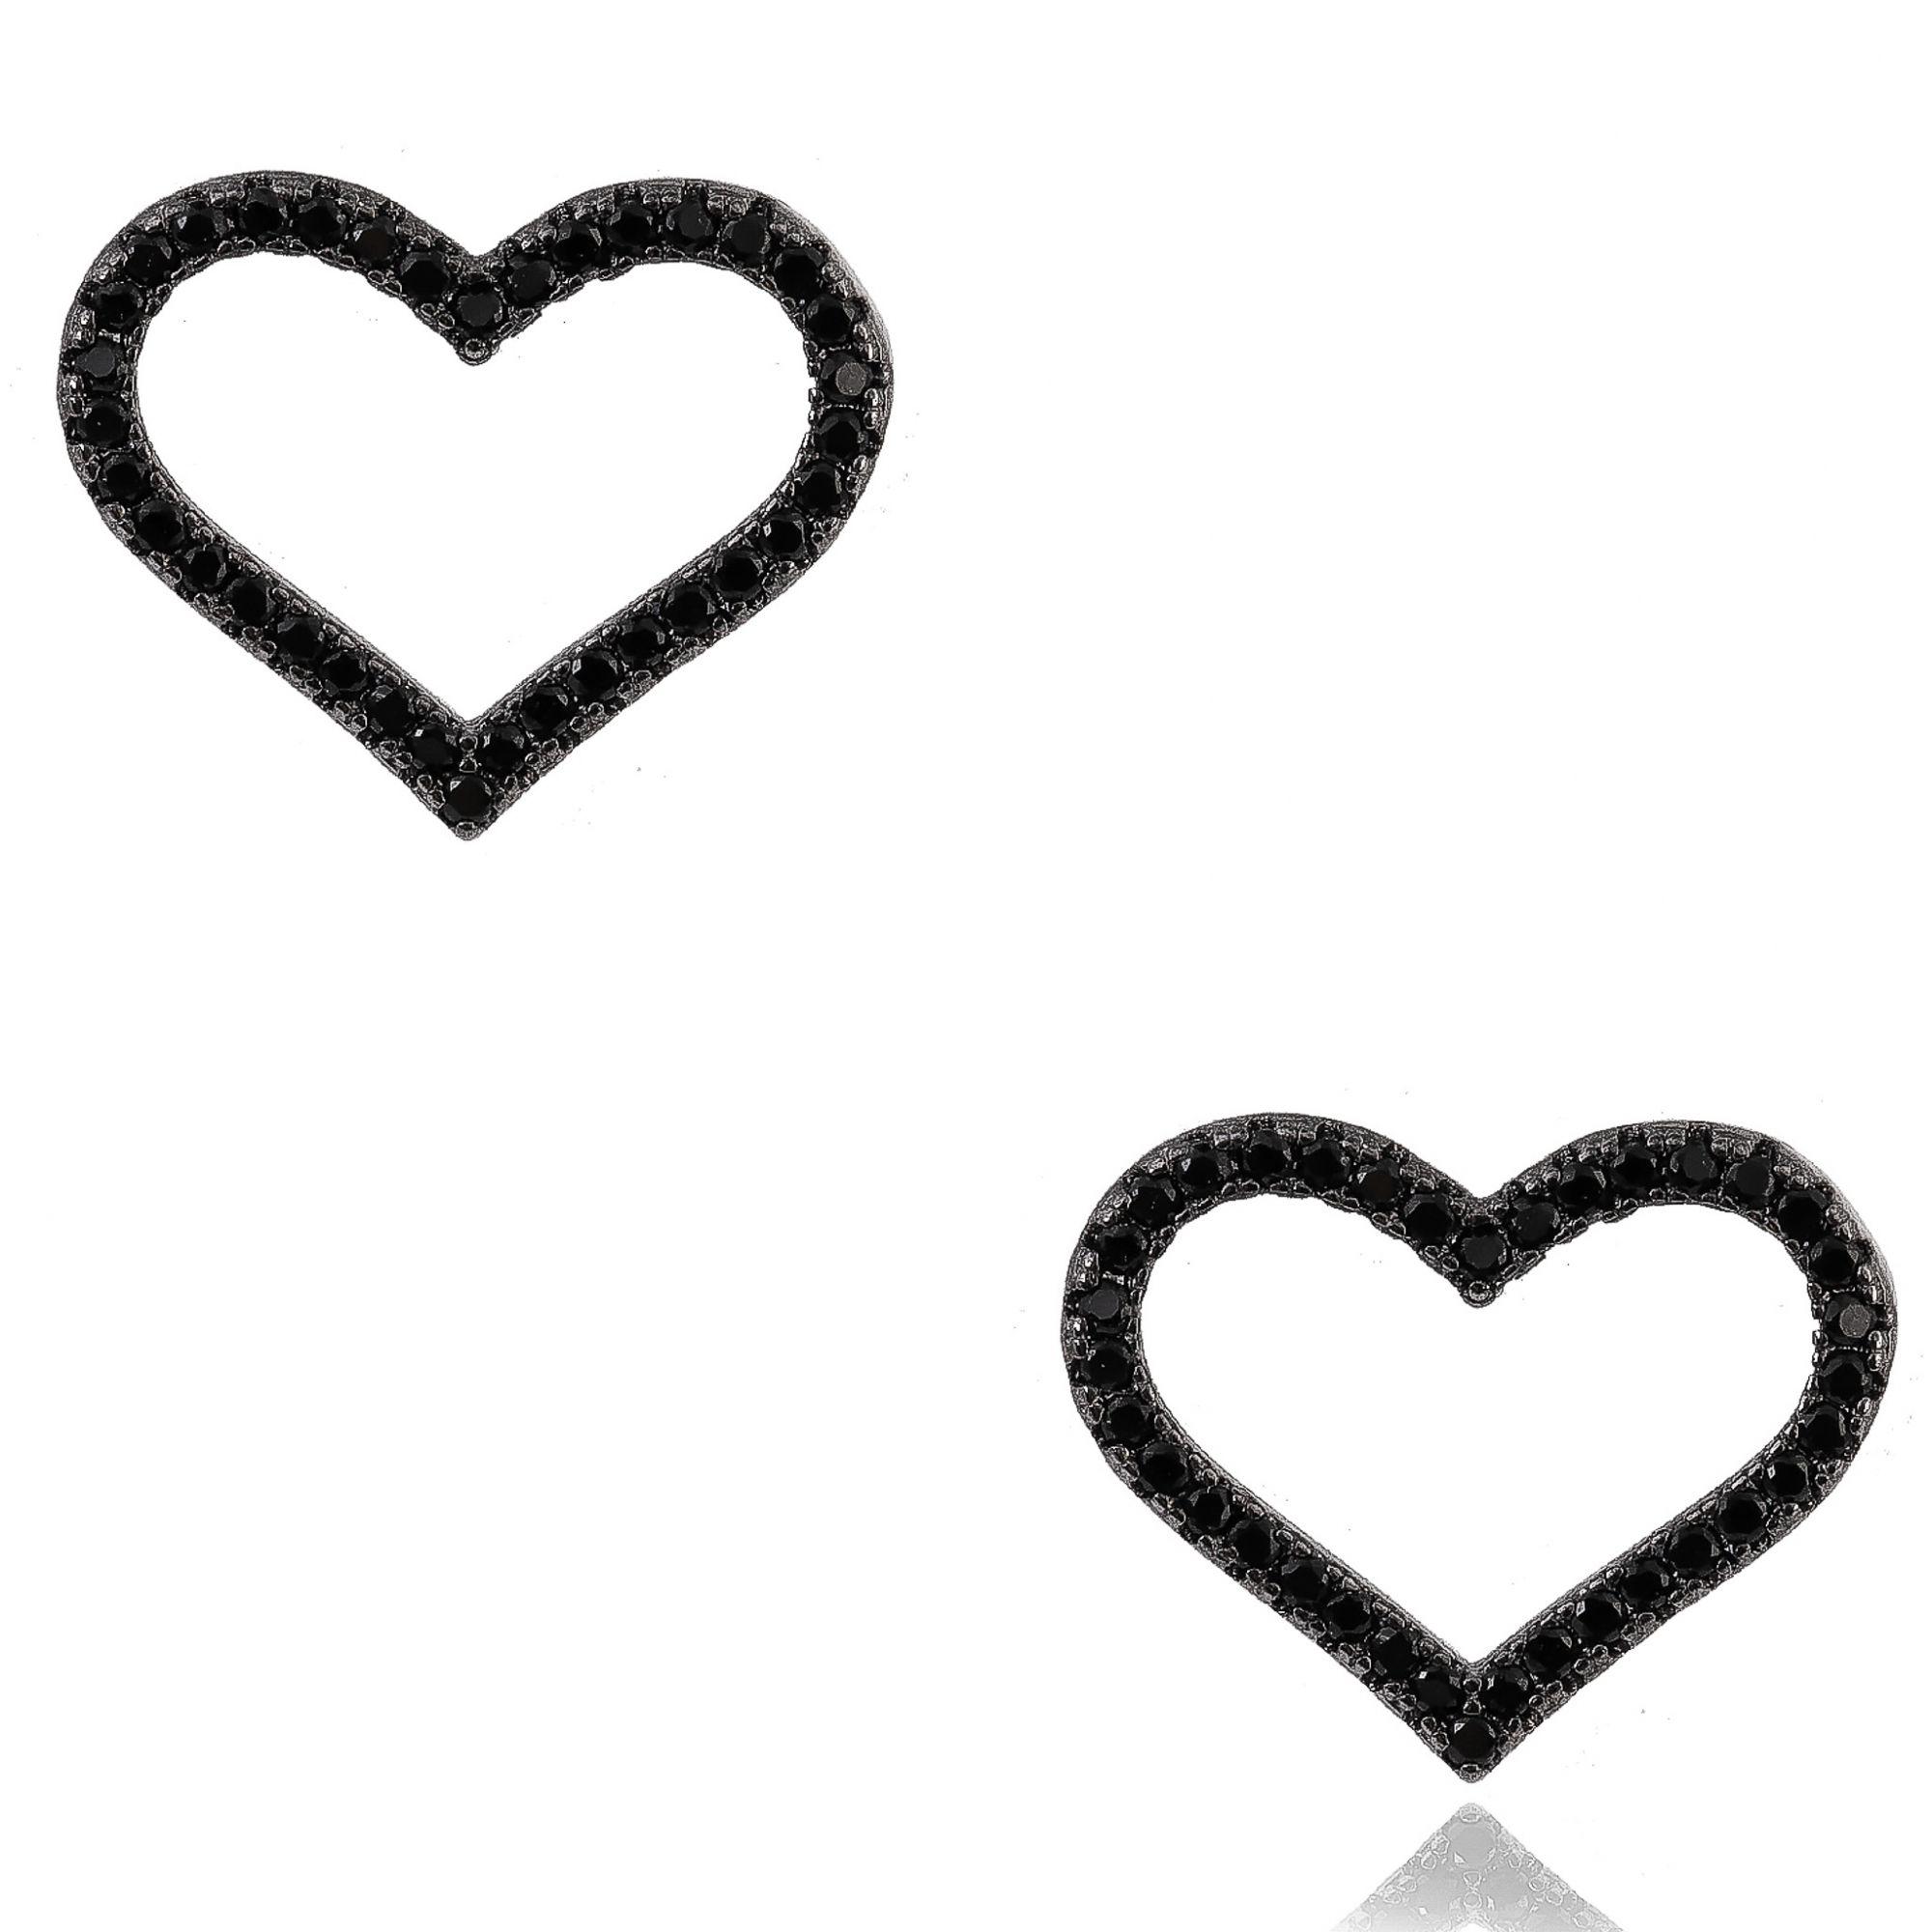 Brinco de coração com micro zircônias negras banho de grafite.  - romabrazil.com.br